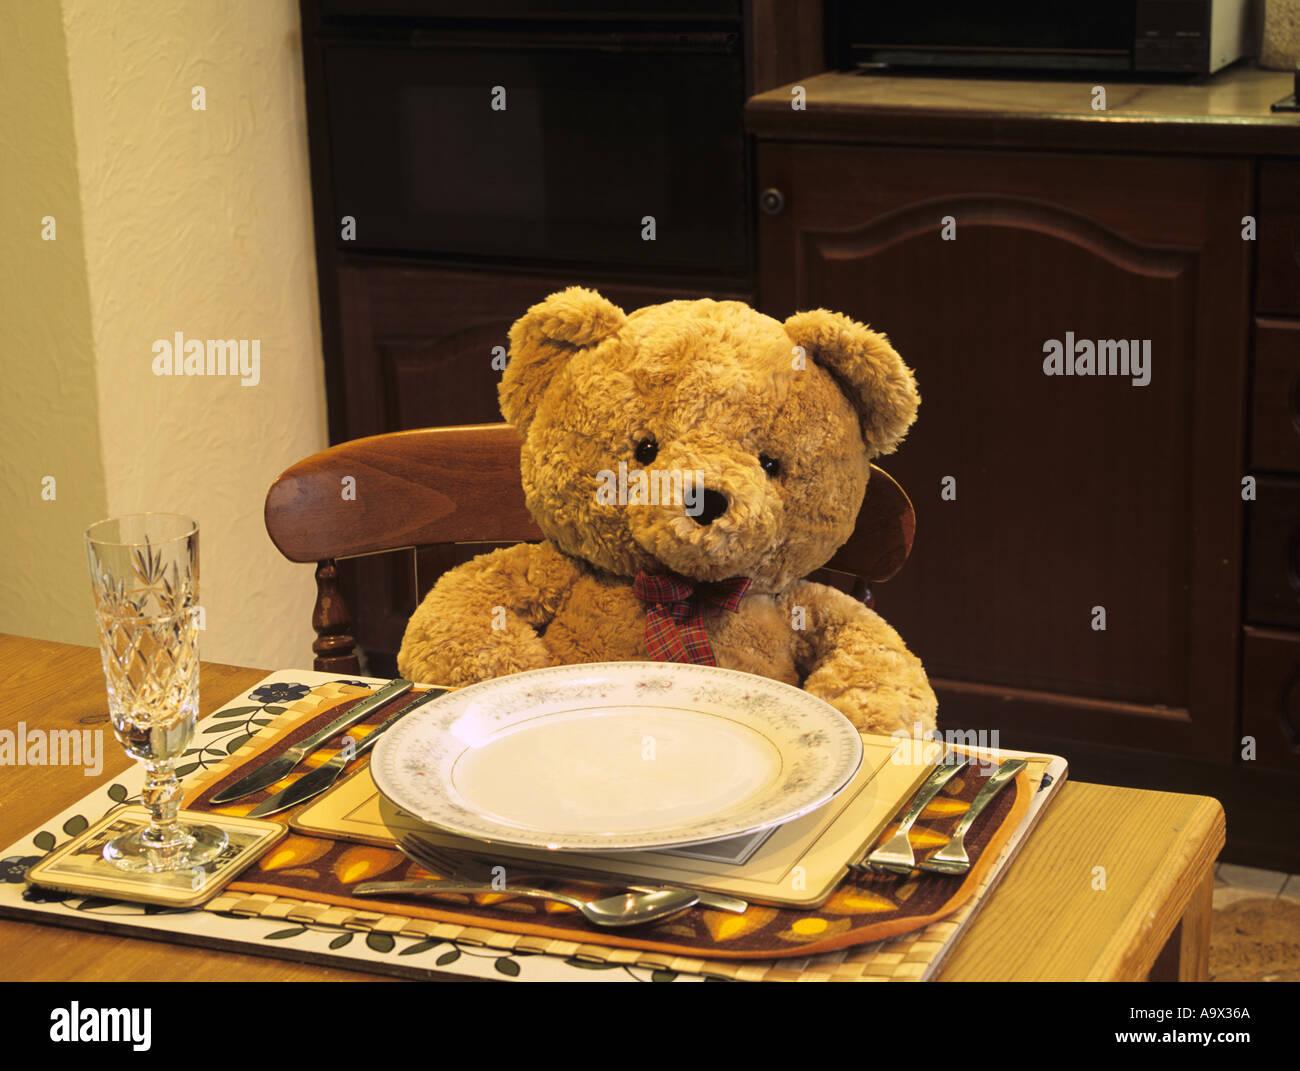 STUDIO Stillleben abstraktes Konzept Teddybär sitzend an einem ...